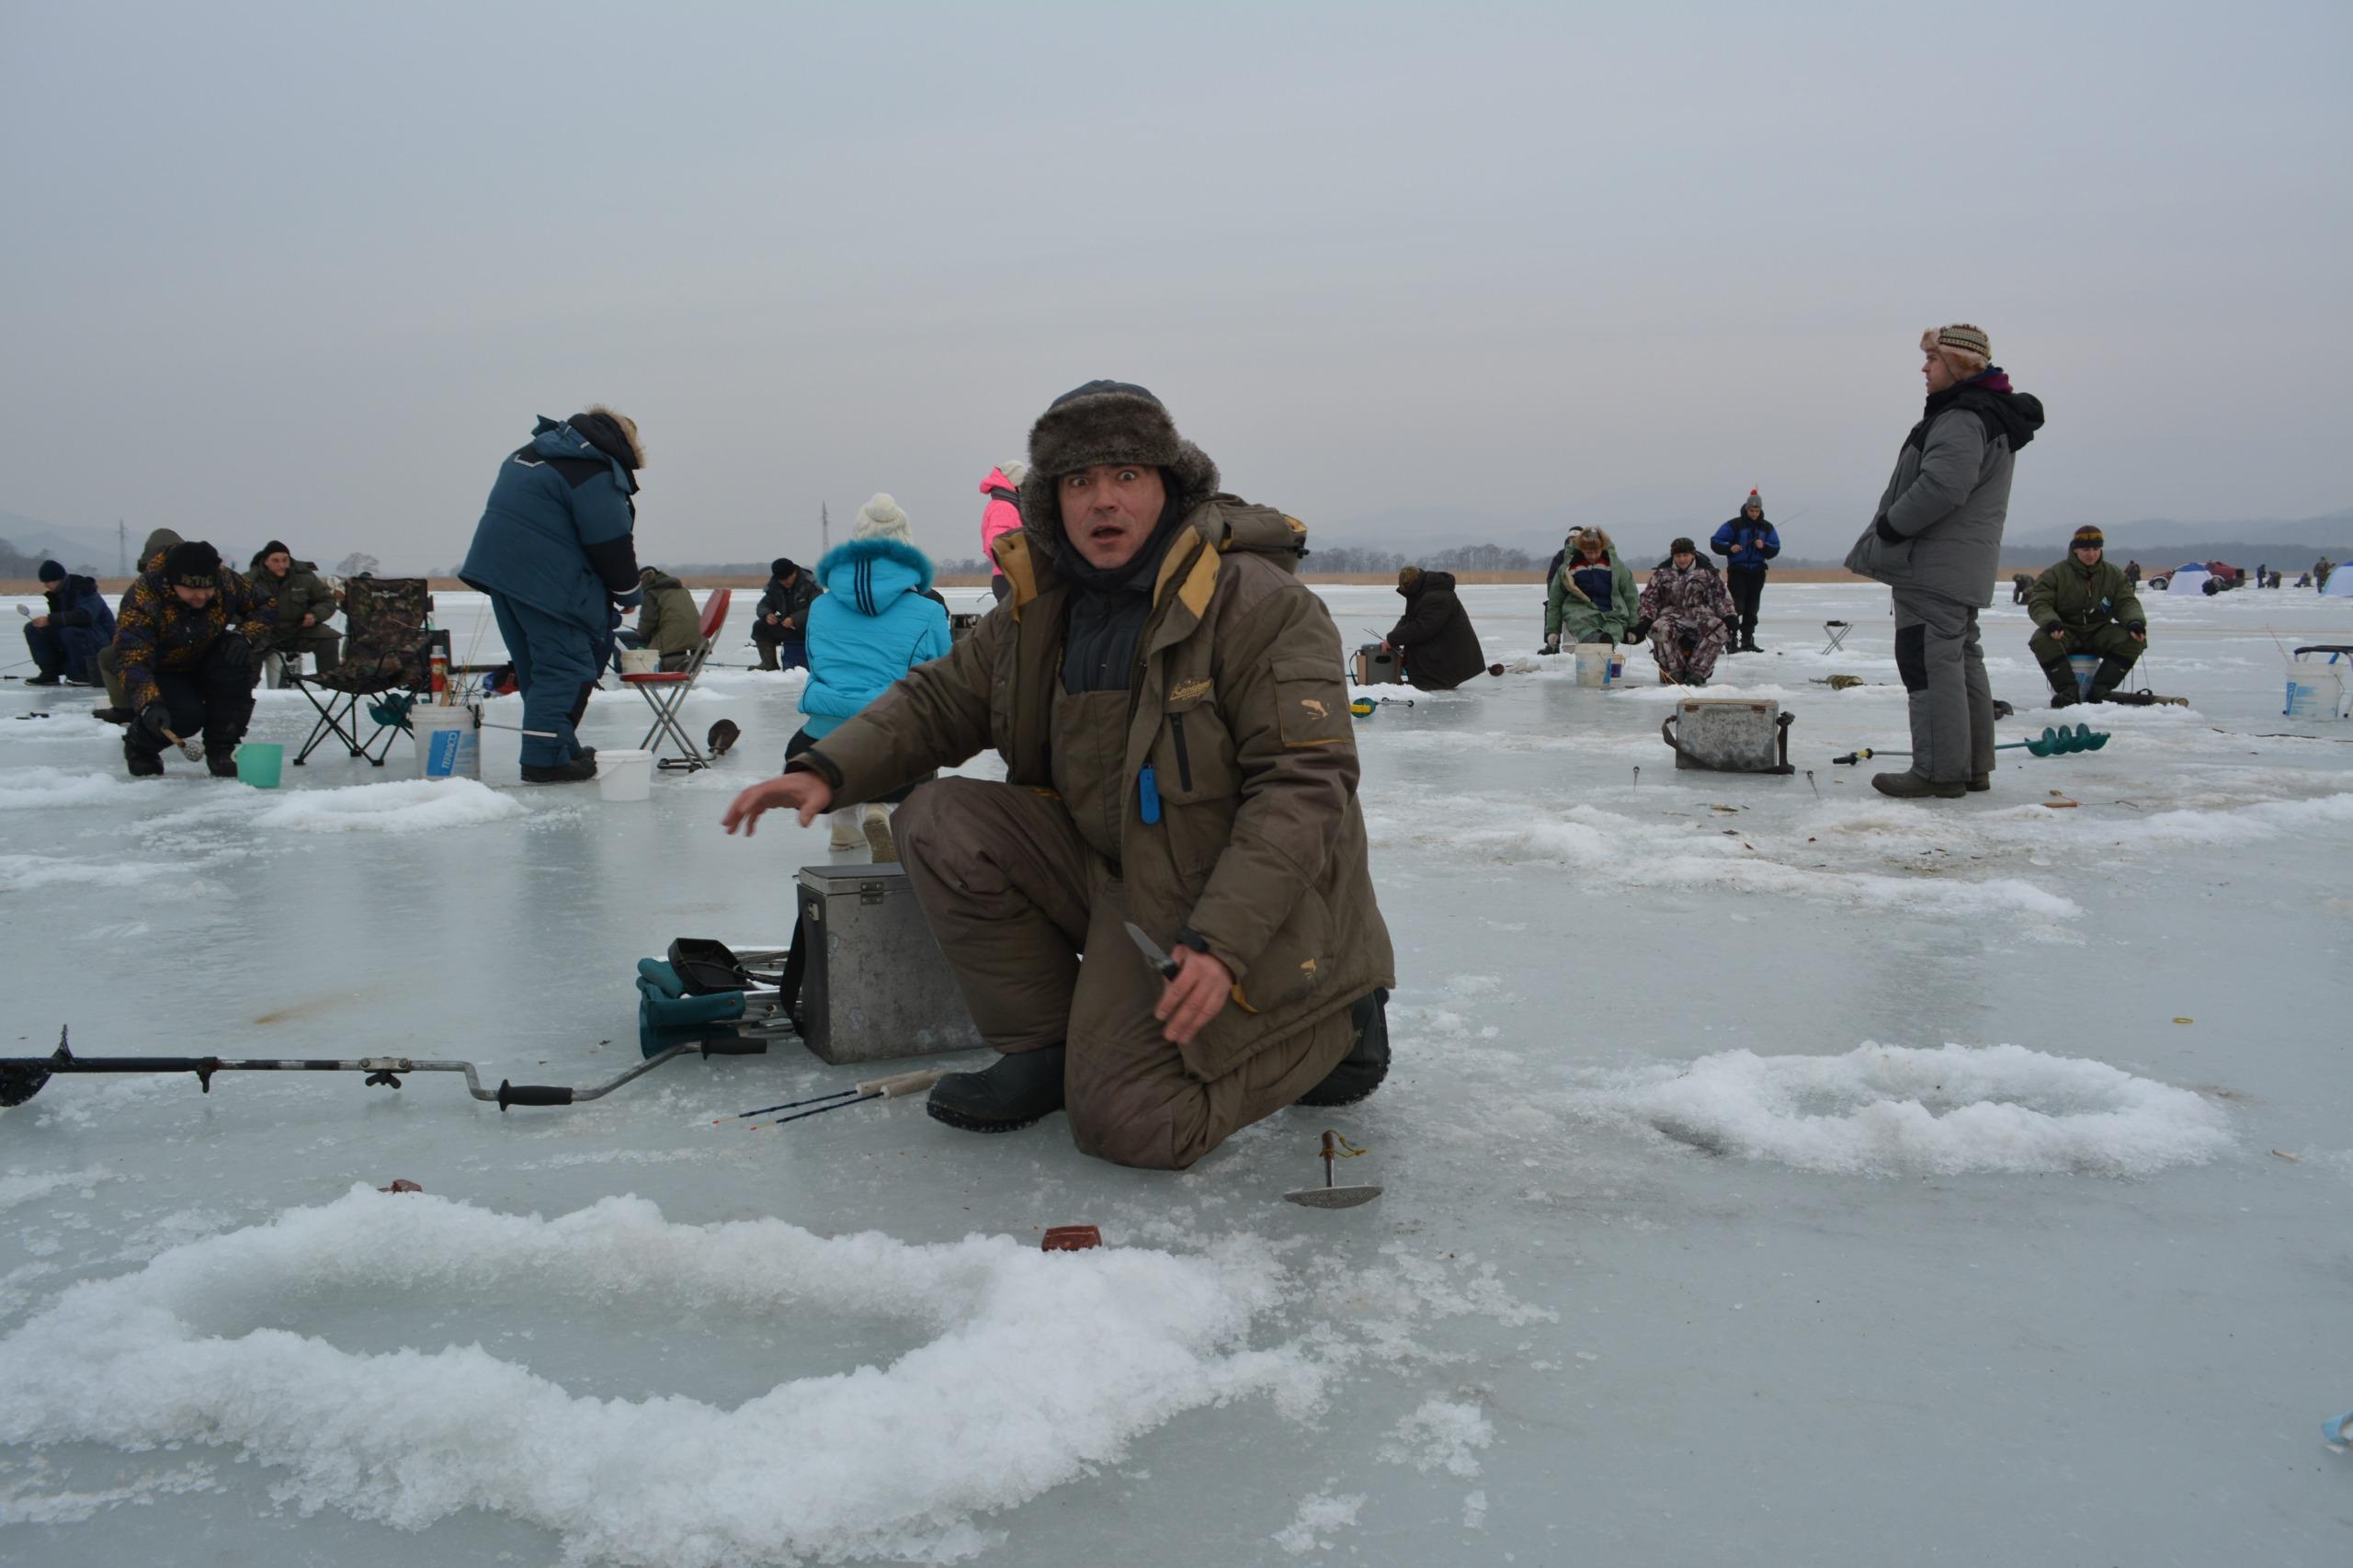 Фион рыбалка в братске, Город братск - Рыболовный форум Fion - все о летней 2 фотография